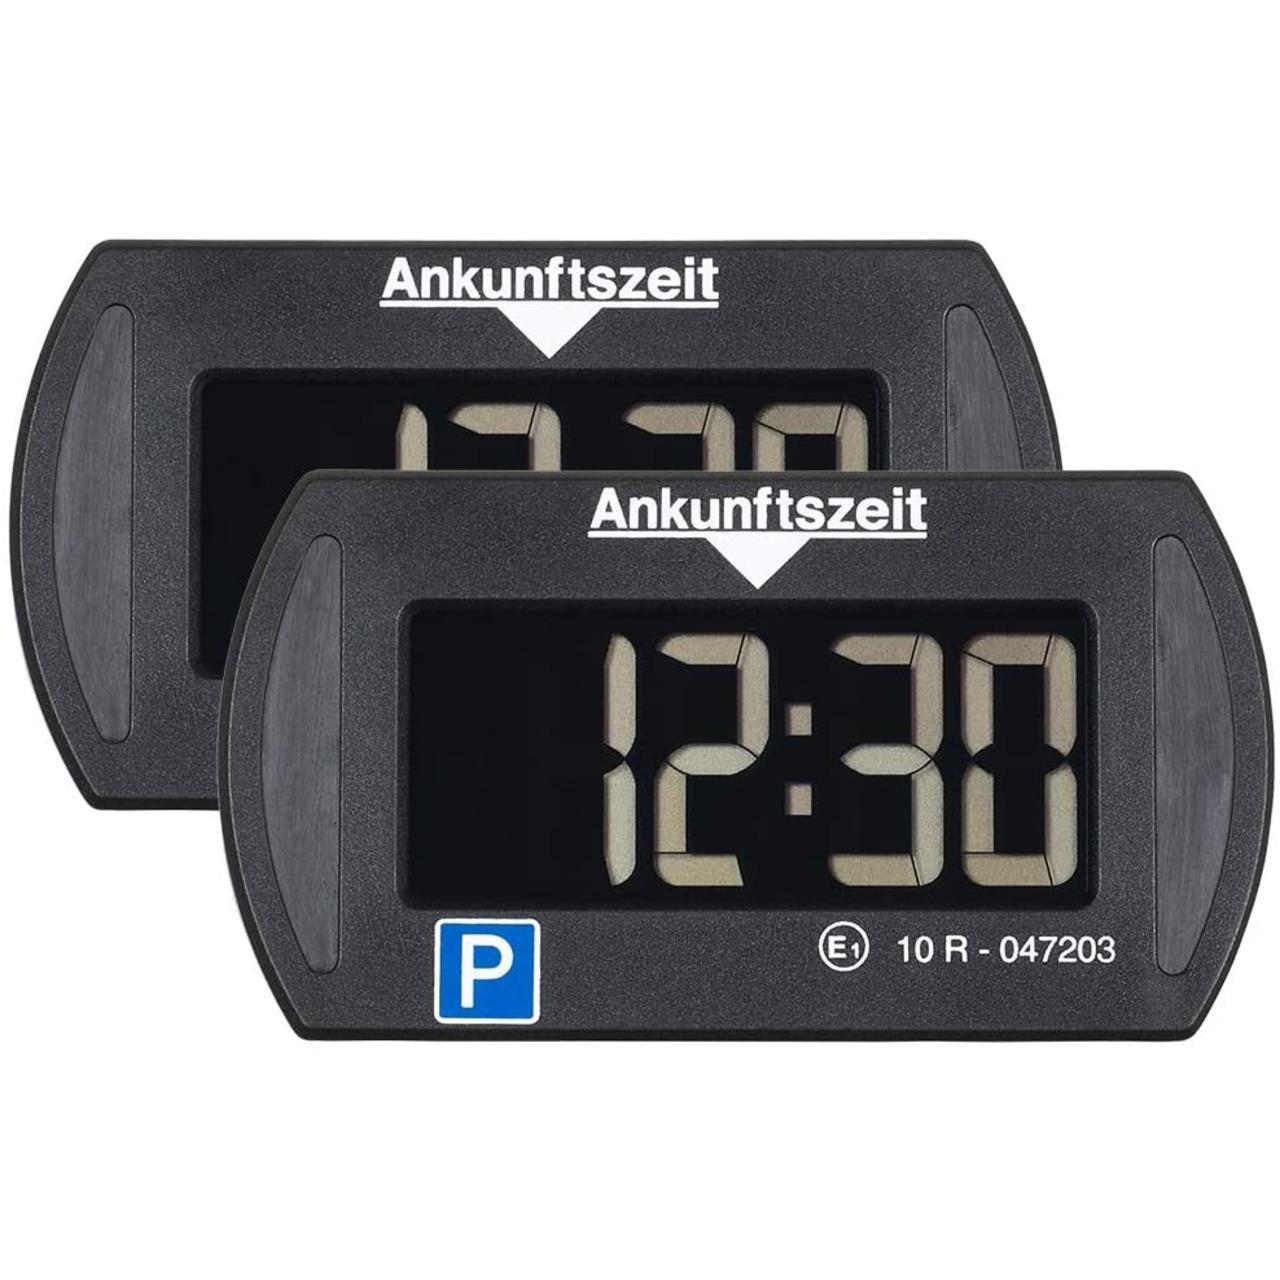 Needit 2er-Spar-Set Digitale Parkscheibe PARK MINI- automatische Parkzeiteinstellung- schwarz